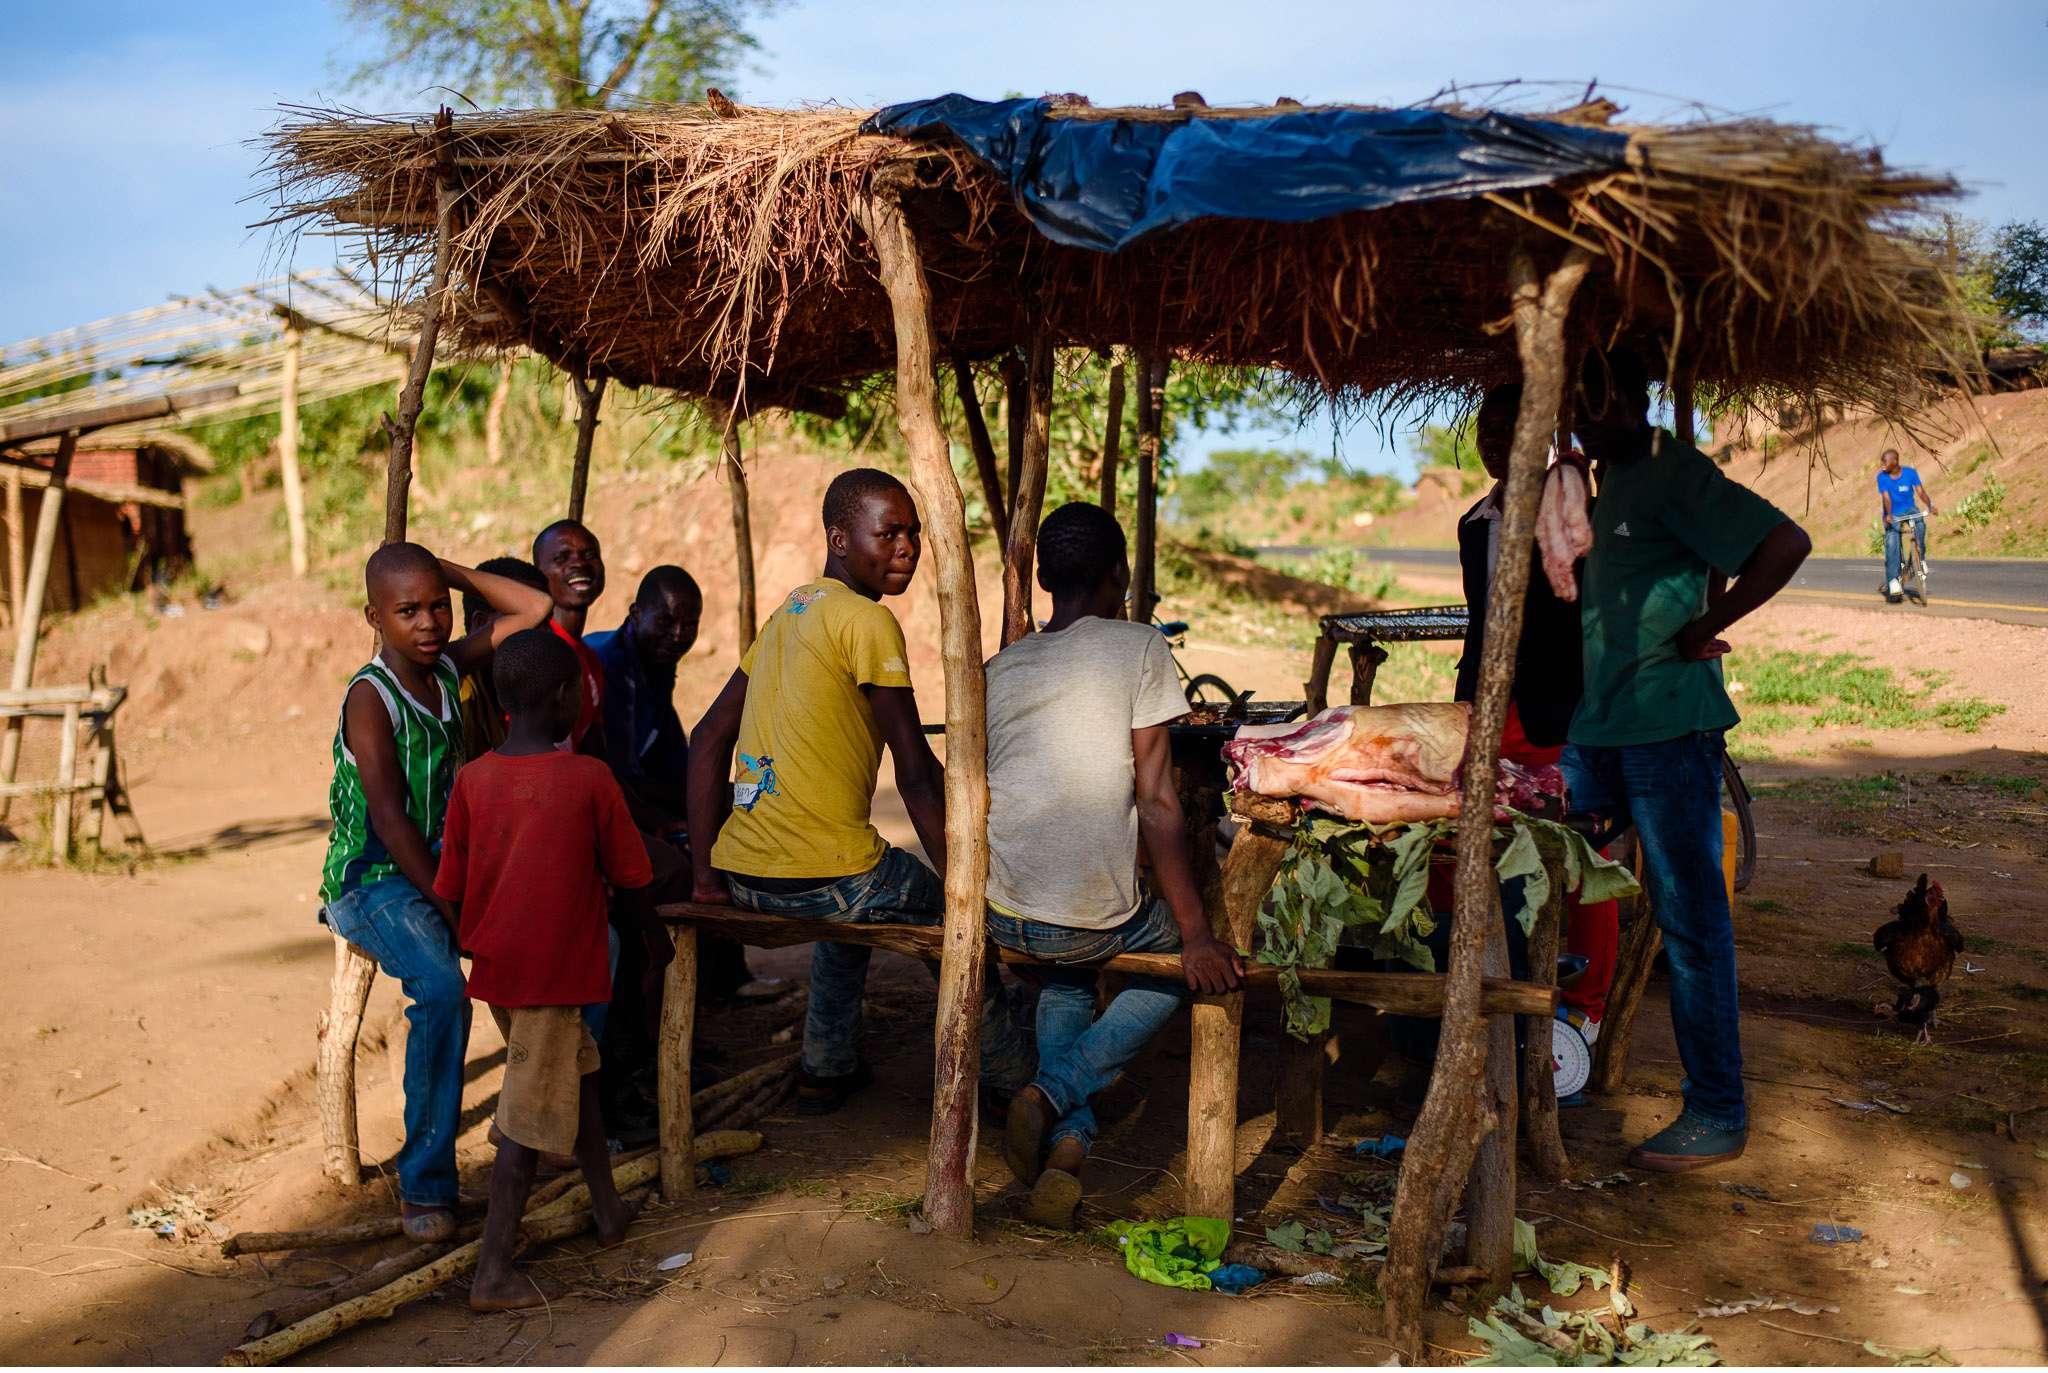 Malawi-Quer durch Afrika- Geschichten von unterwegs by Marion and Daniel-4